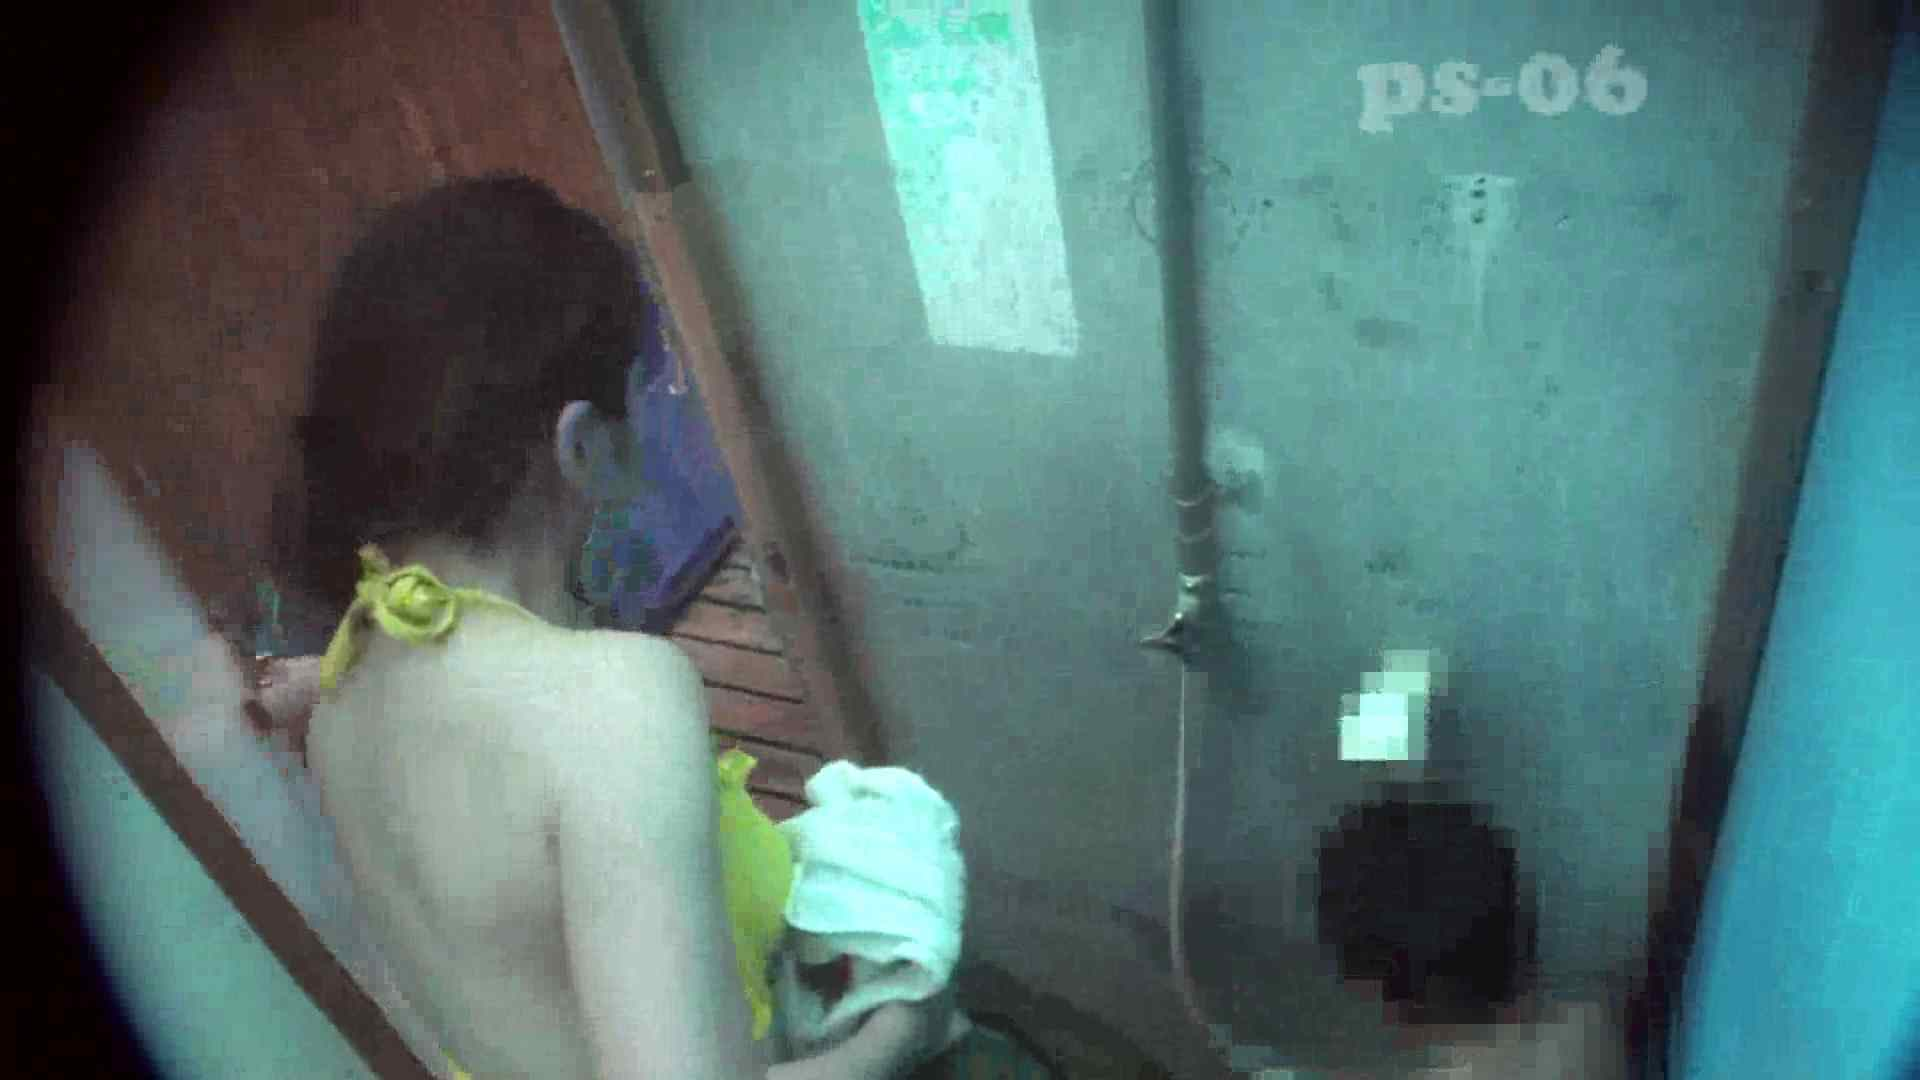 シャワールームは危険な香りVol.6(ハイビジョンサンプル版) OL | 名人  79連発 74